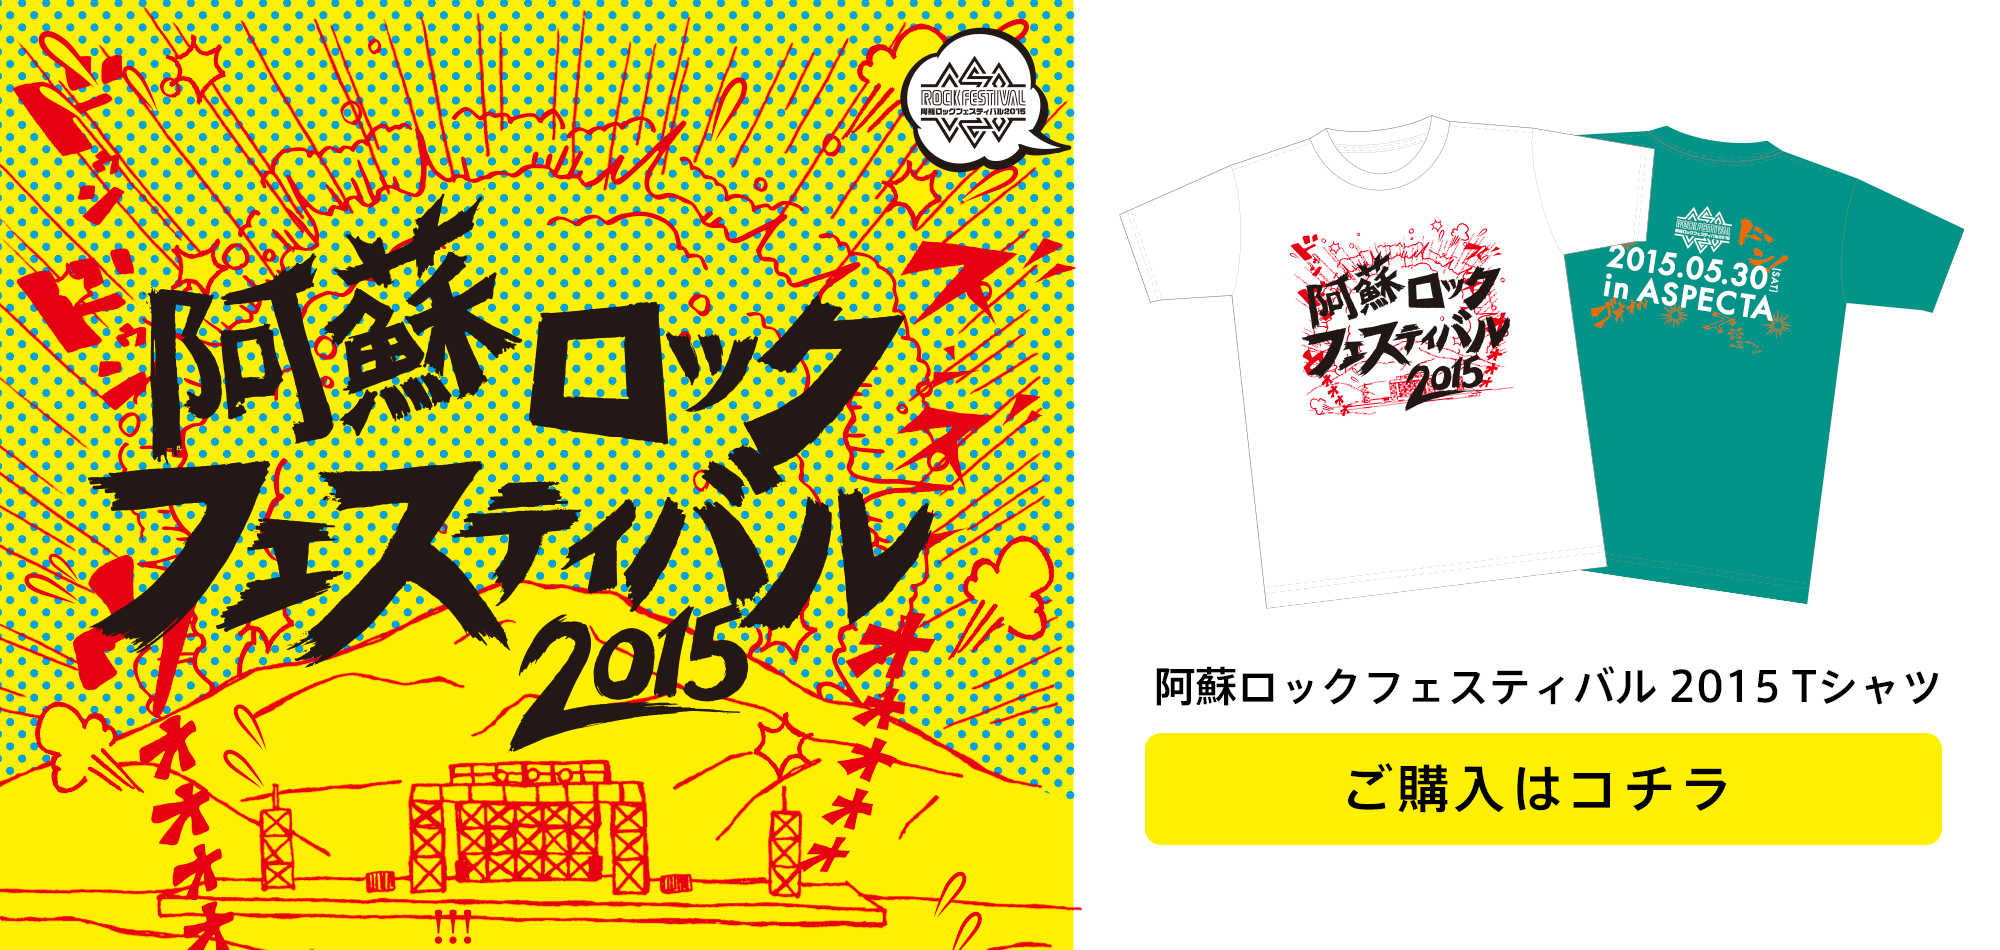 阿蘇ロックフェスティバル2015公式グッズ販売開始